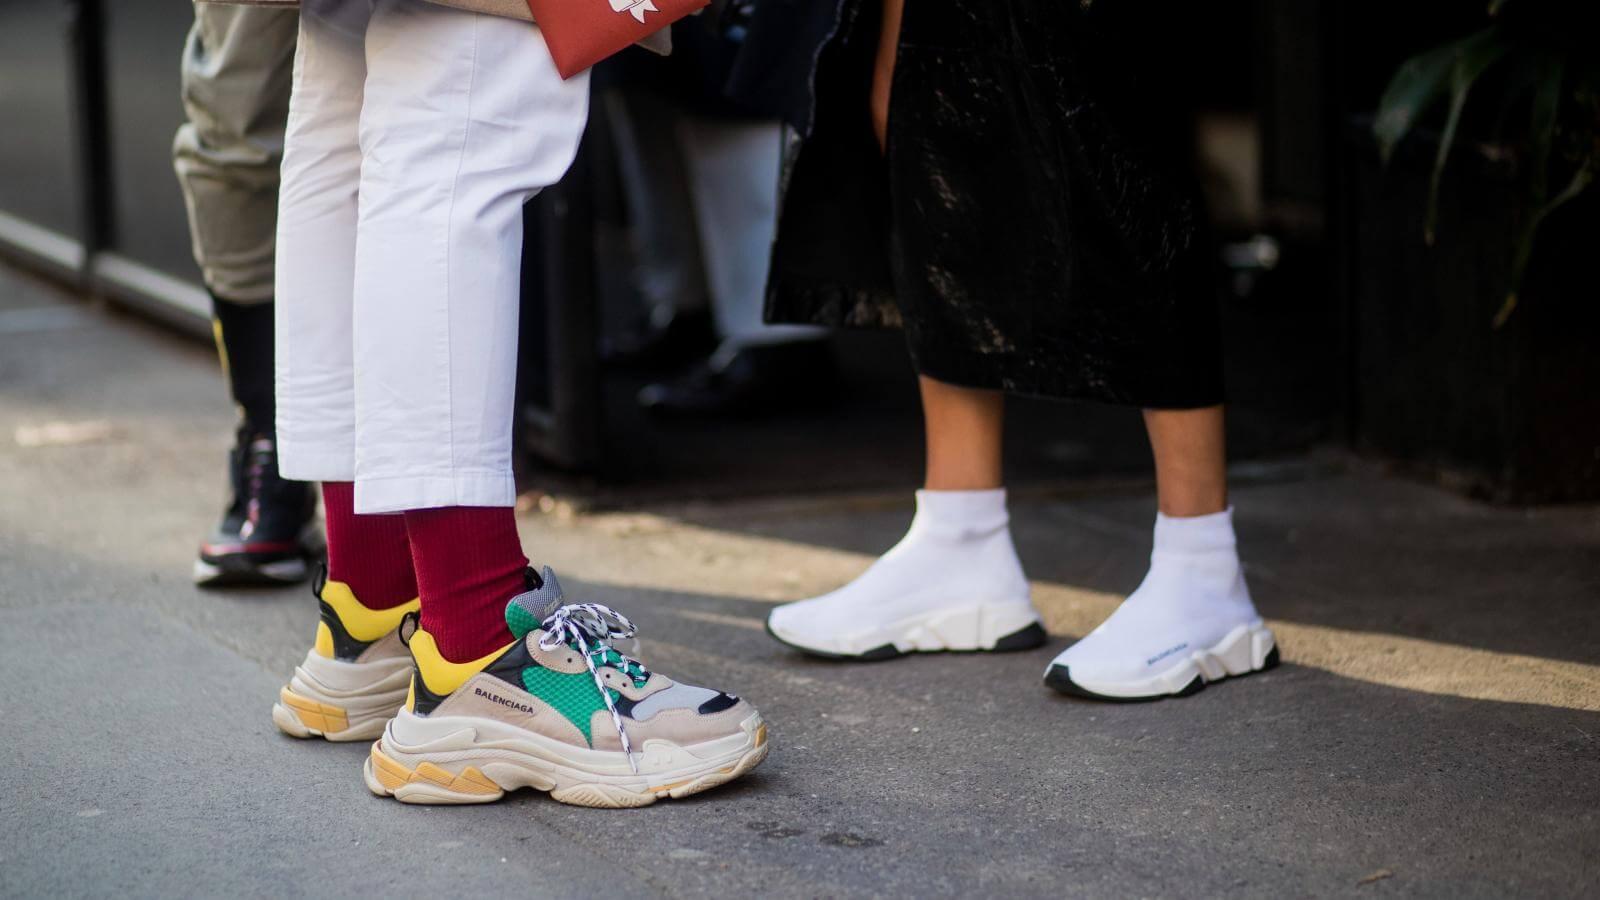 Các mẫu giày thể thao Balenciaga thiên về tính thời trang hơn độ chuyện nghiệp